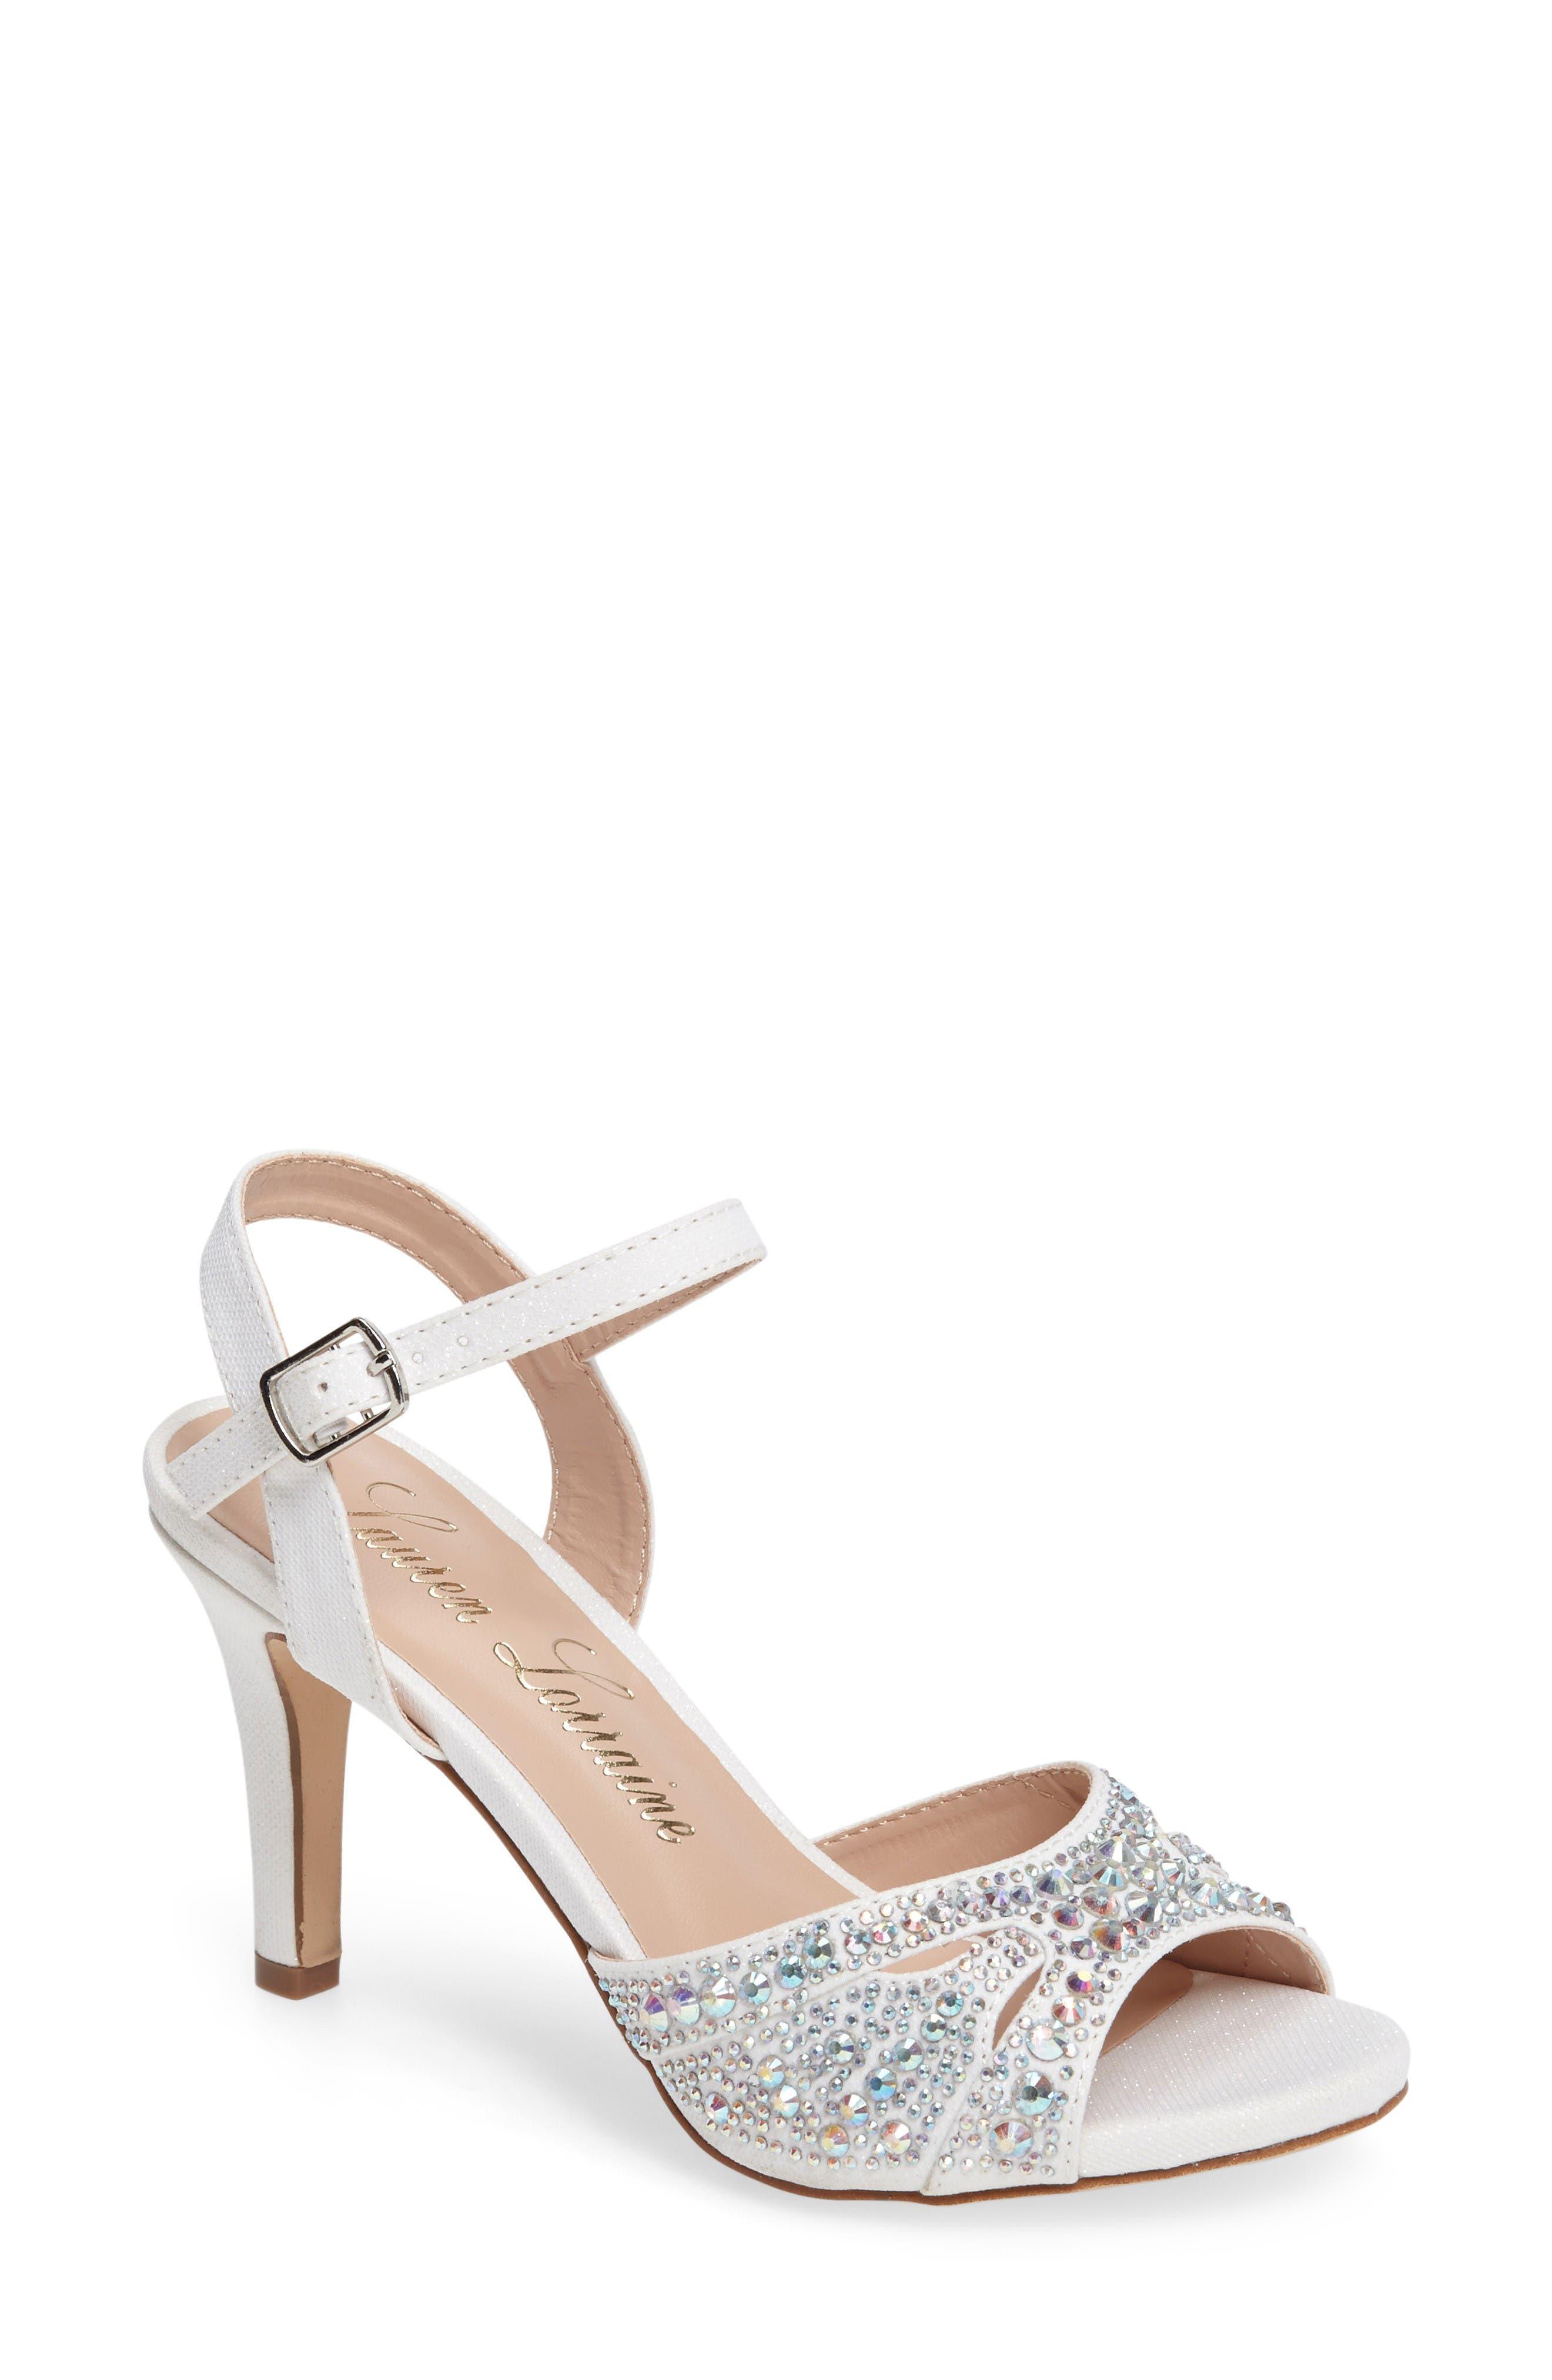 LAUREN LORRAINE Florence Crystal Embellished Sandal